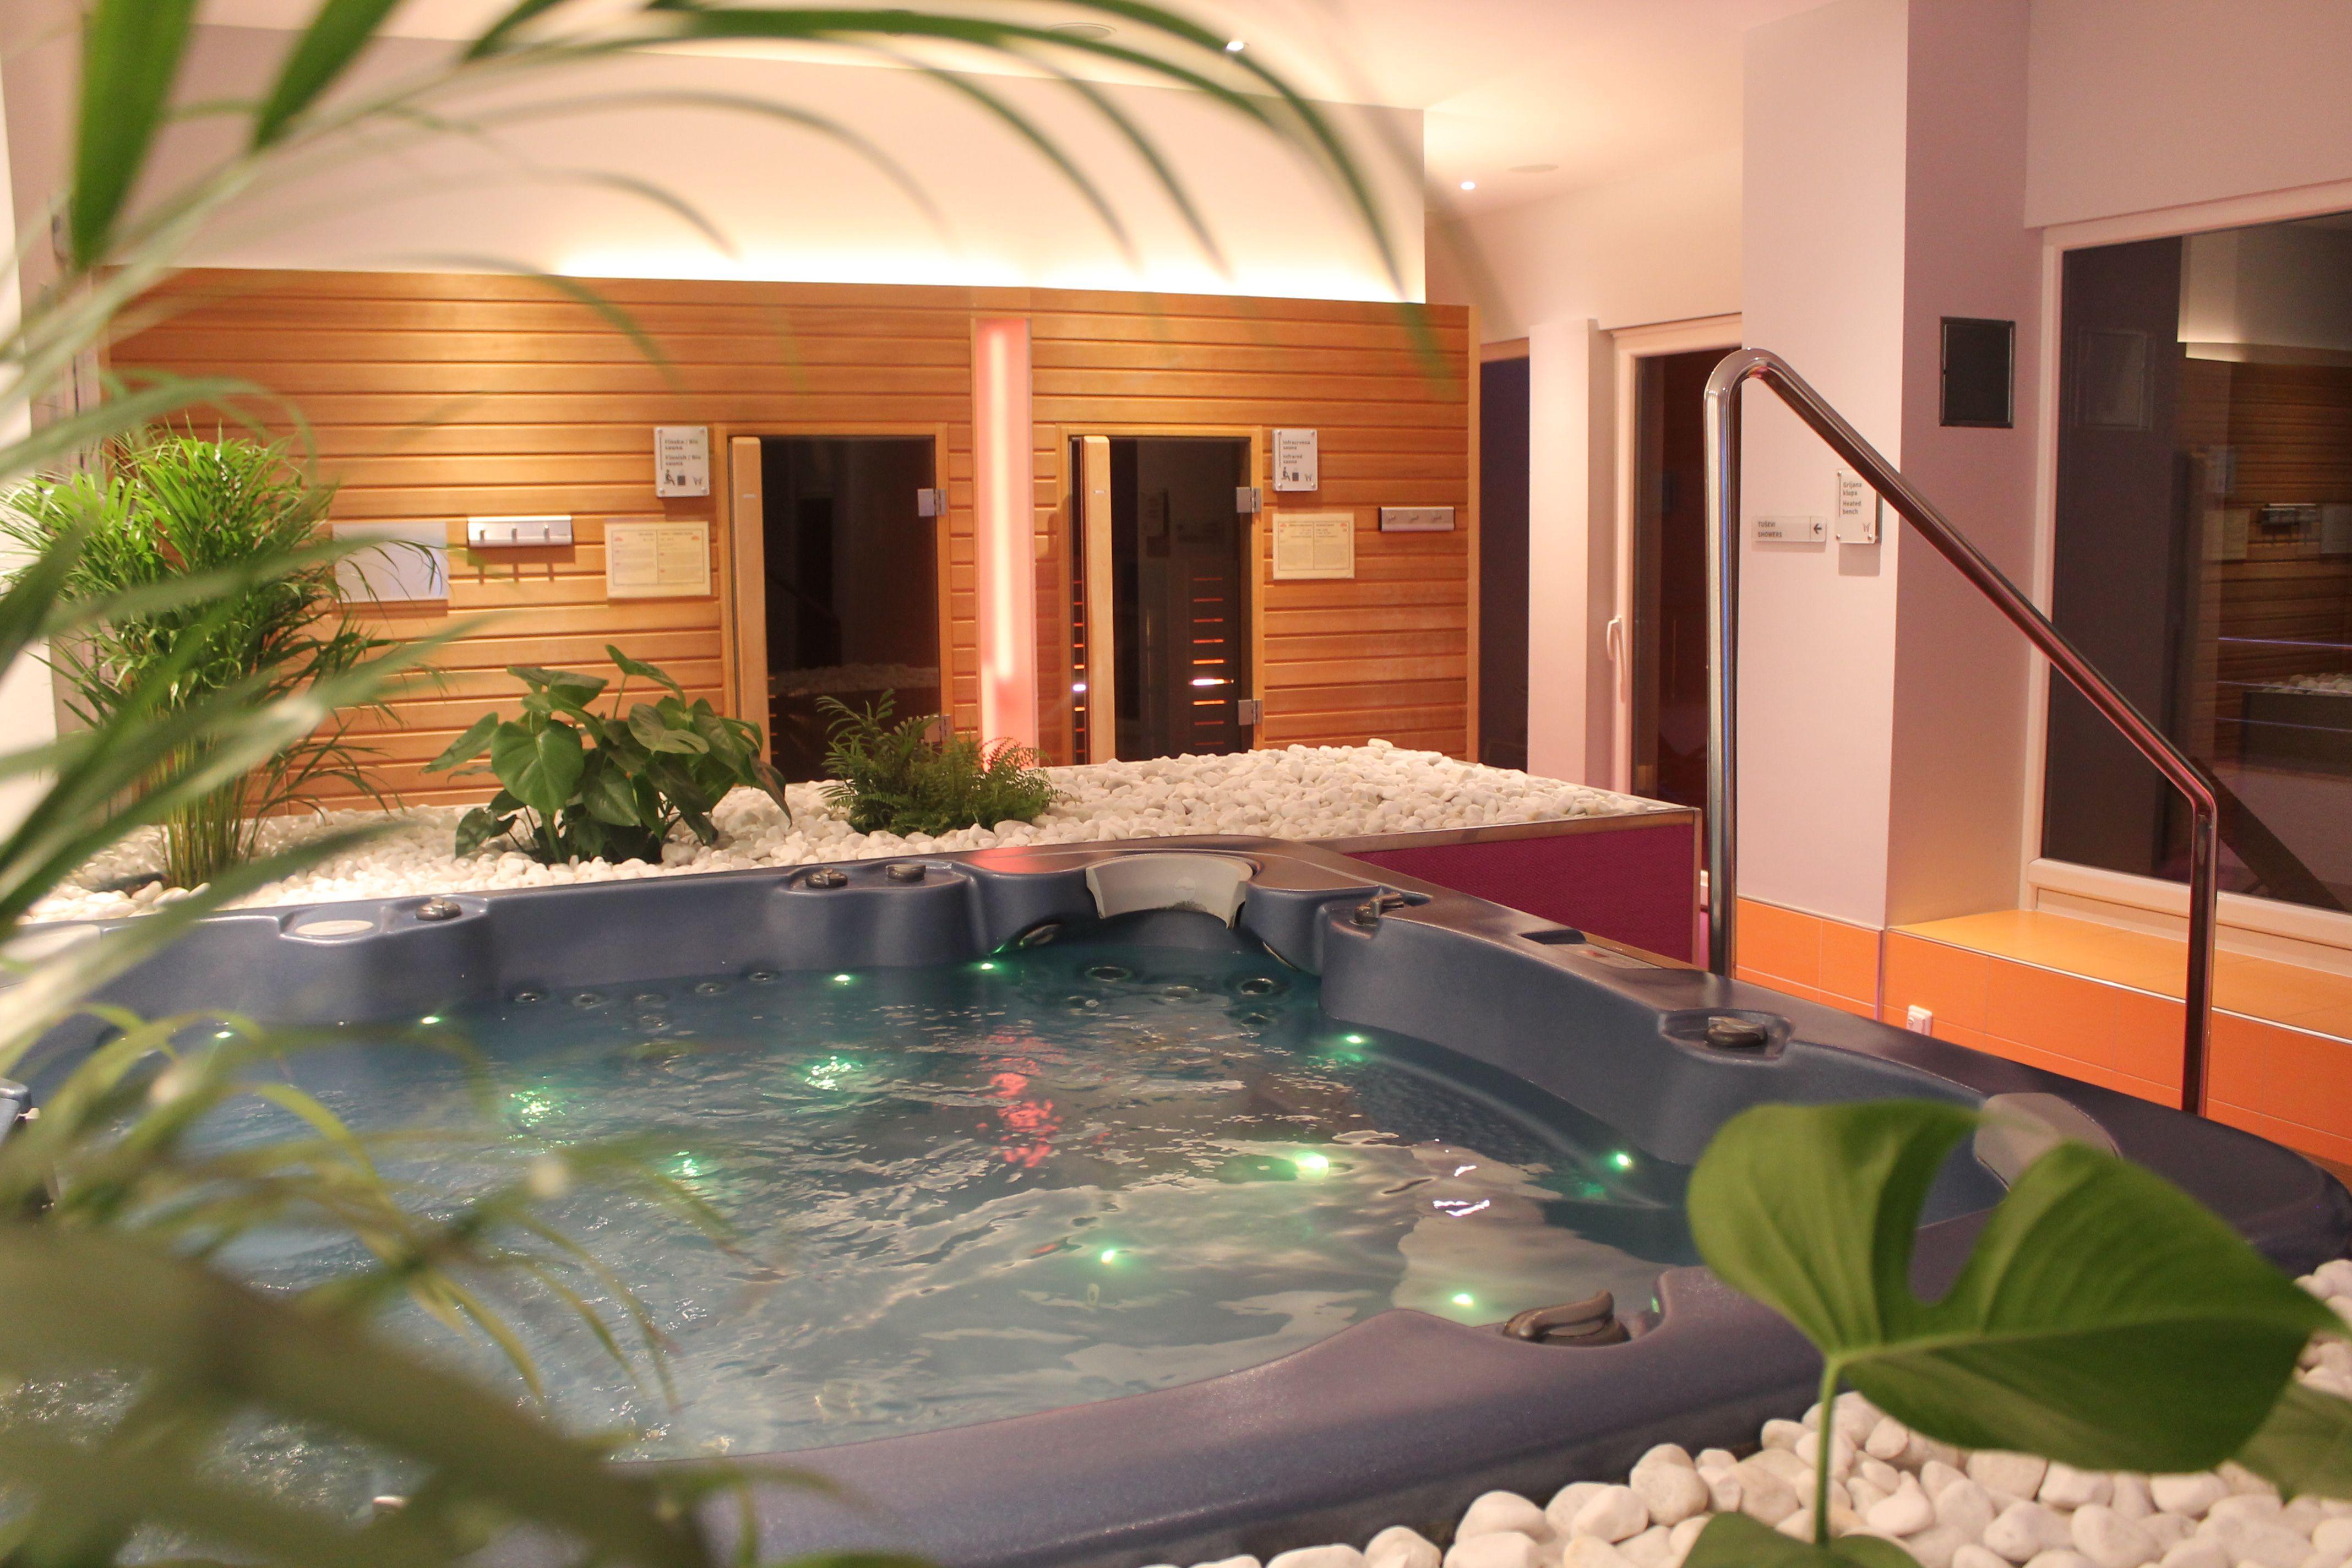 Jedes Zimmer In Der Villa Magdalena Hat Einen Eigenen Whirlpool Leadingsparesorts Leadingspa Wellness Wellnessh In 2020 Hotel Mit Whirlpool Spa Urlaub Spa Hotel